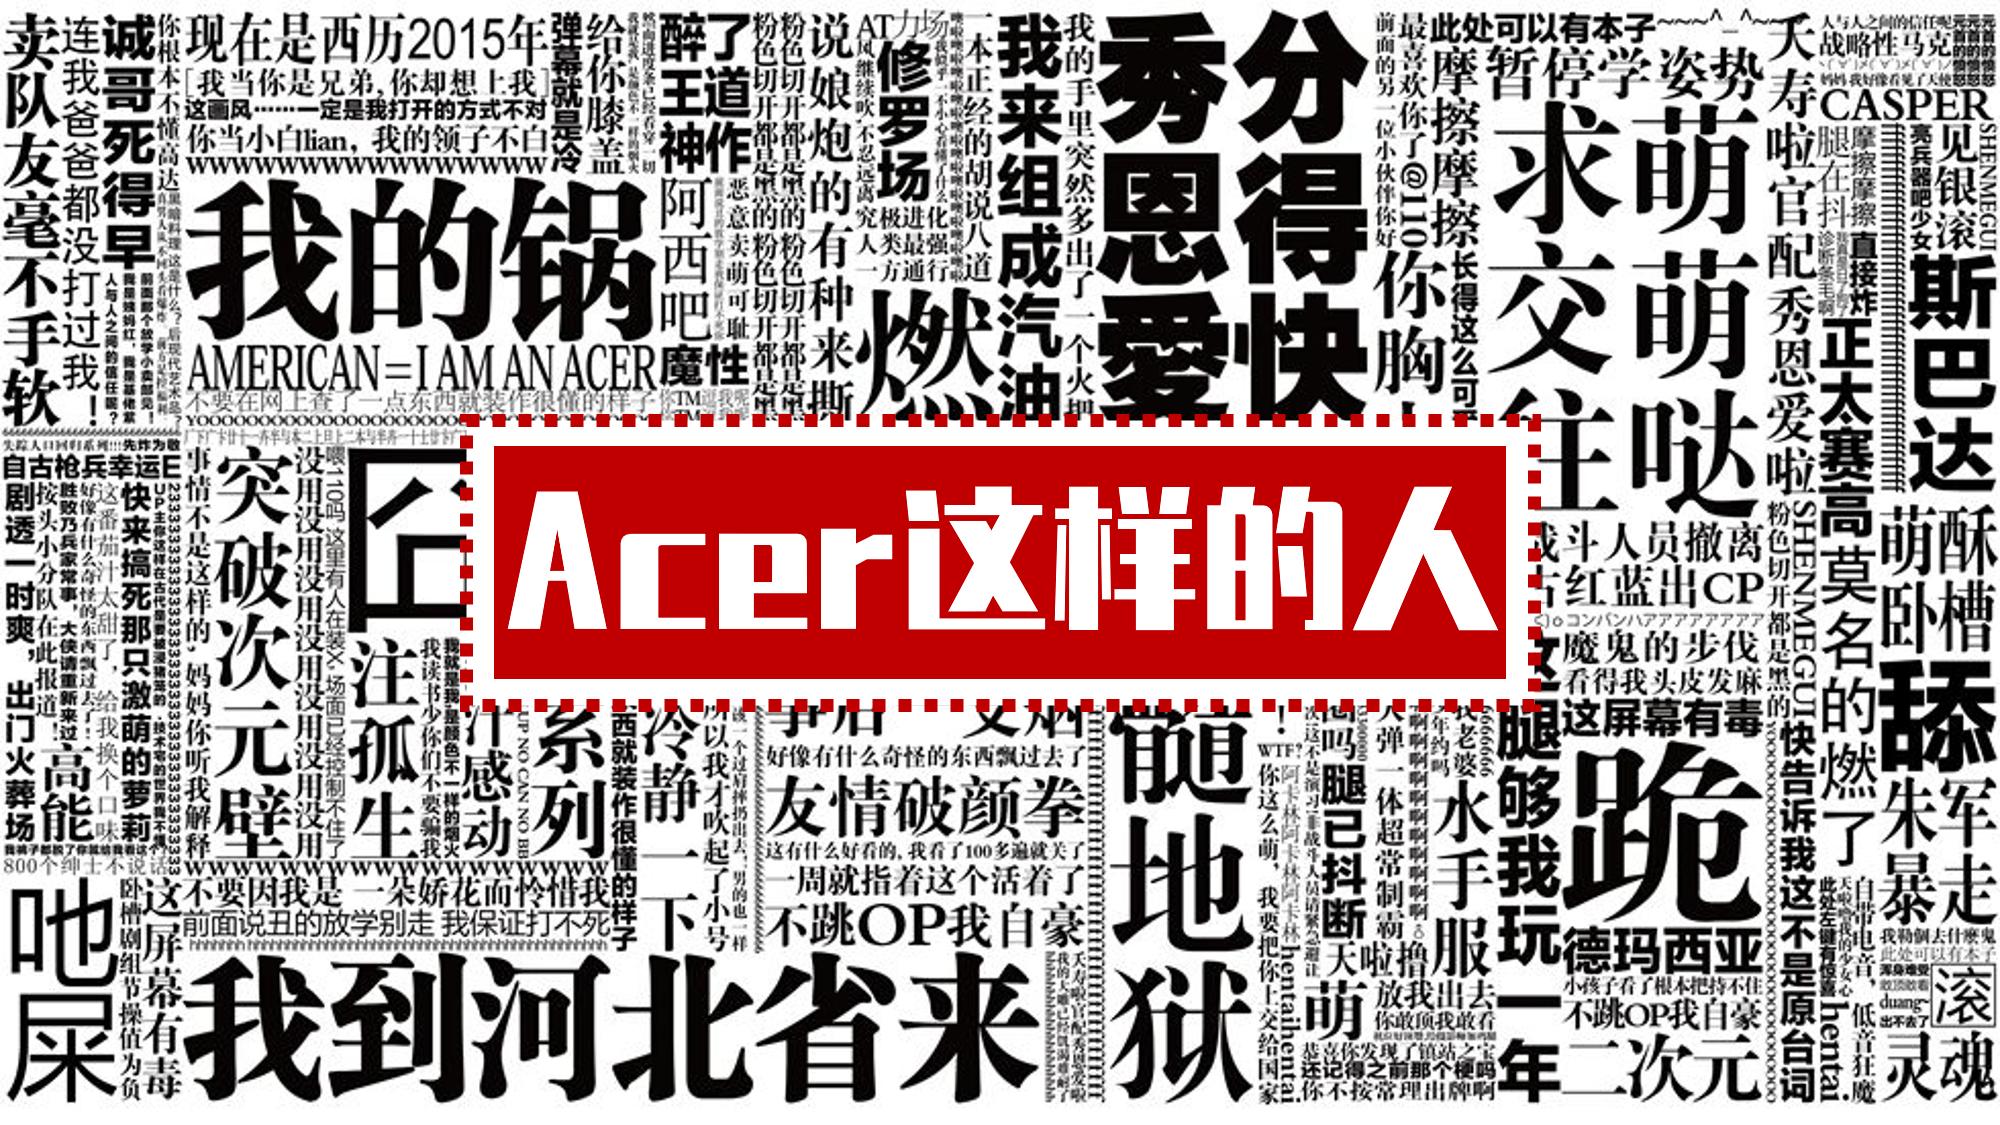 【嗨歌祭10】Acer这样的人【翻唱】